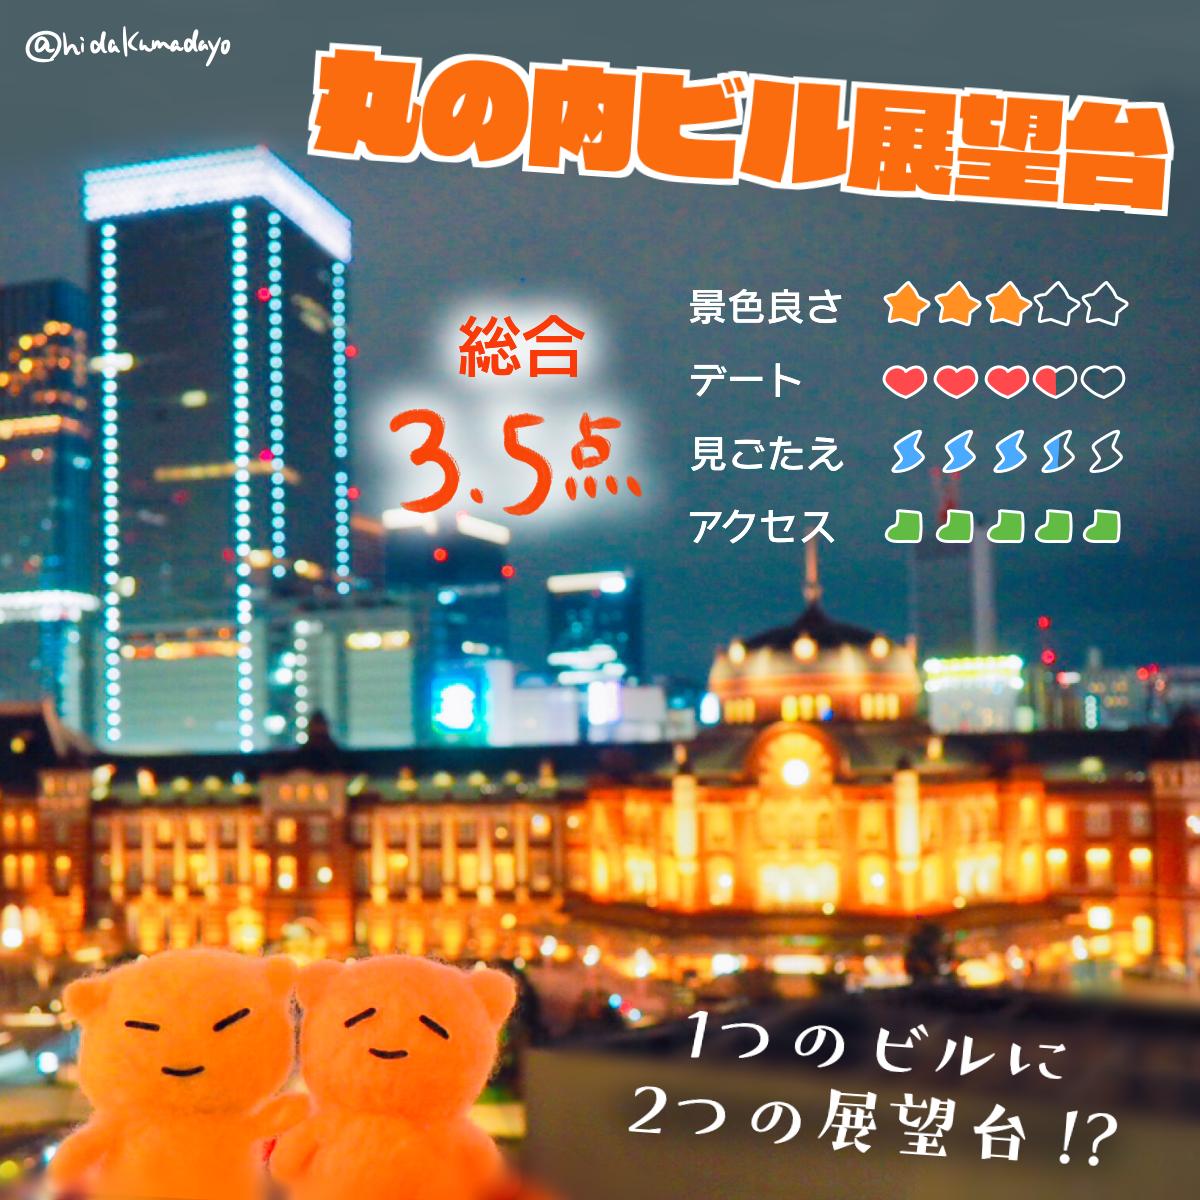 f:id:hidakumadayo:20190318220018p:plain